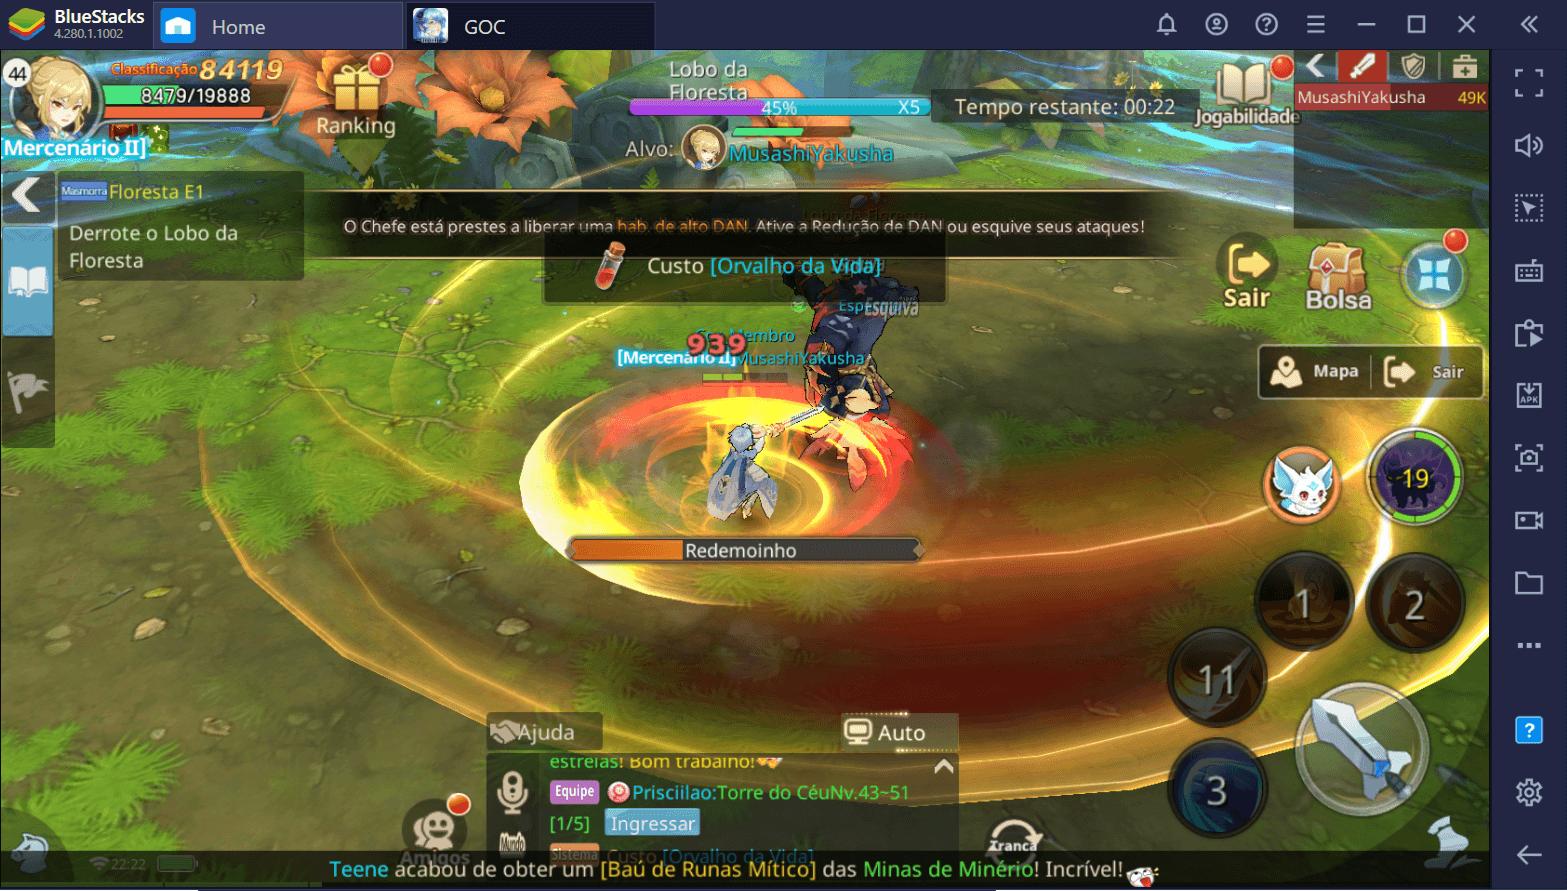 Guardians of Cloudia – Como usar o BlueStacks para se Destacar neste MMORPG Mobile